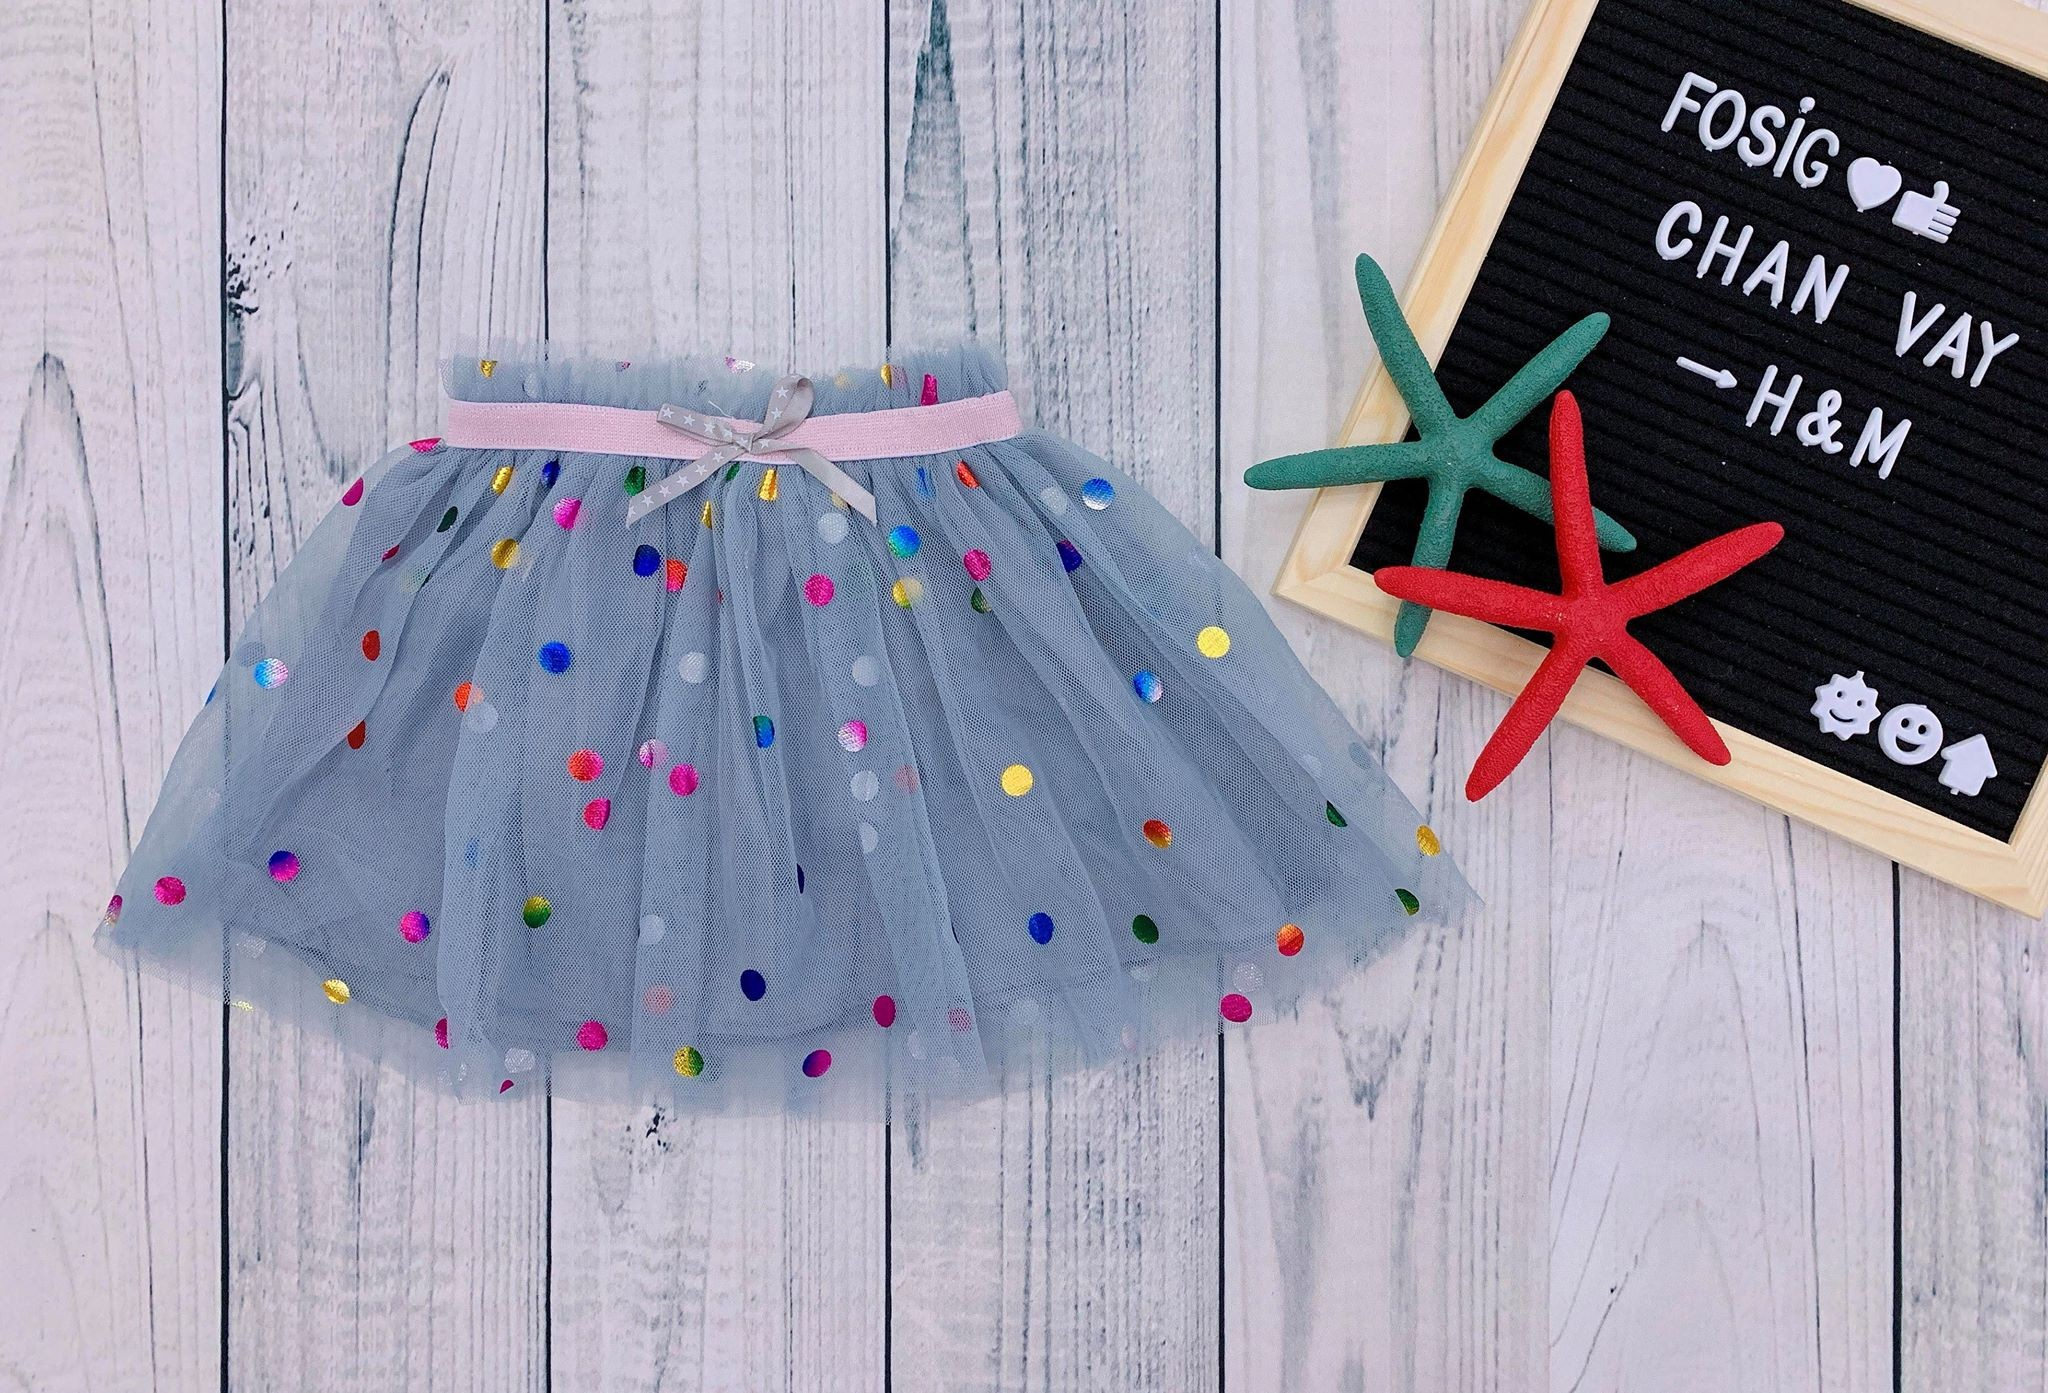 [8-17kg] Chân Váy H&M [Girl] - Xám/Chấm Bi Đa Màu